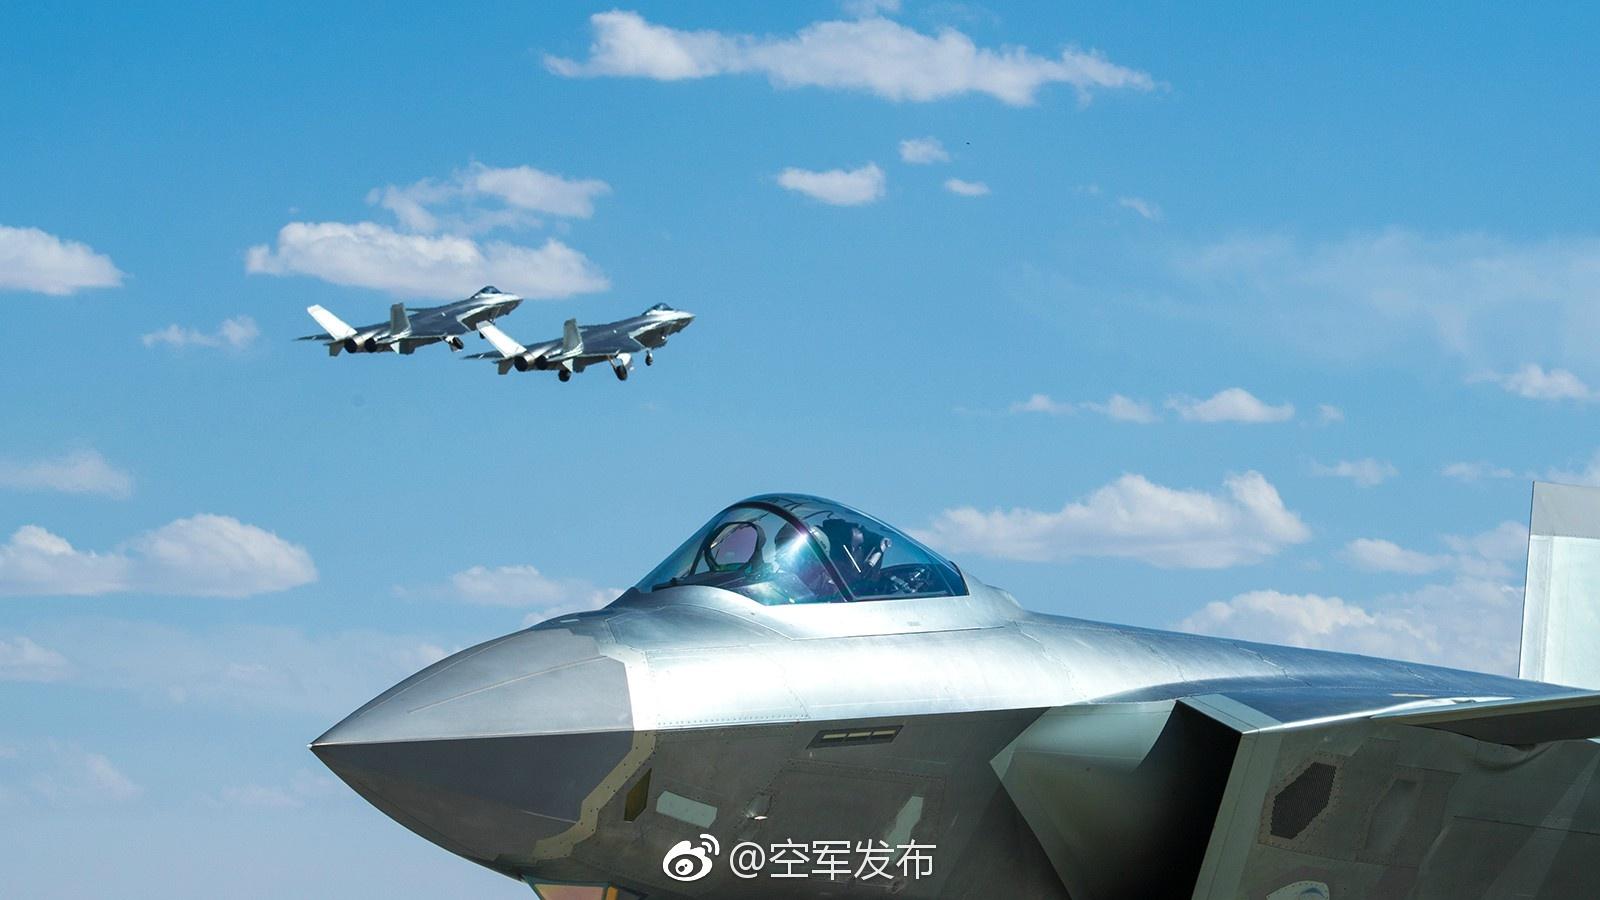 空军晒主力战机庆祝成立68周年图片